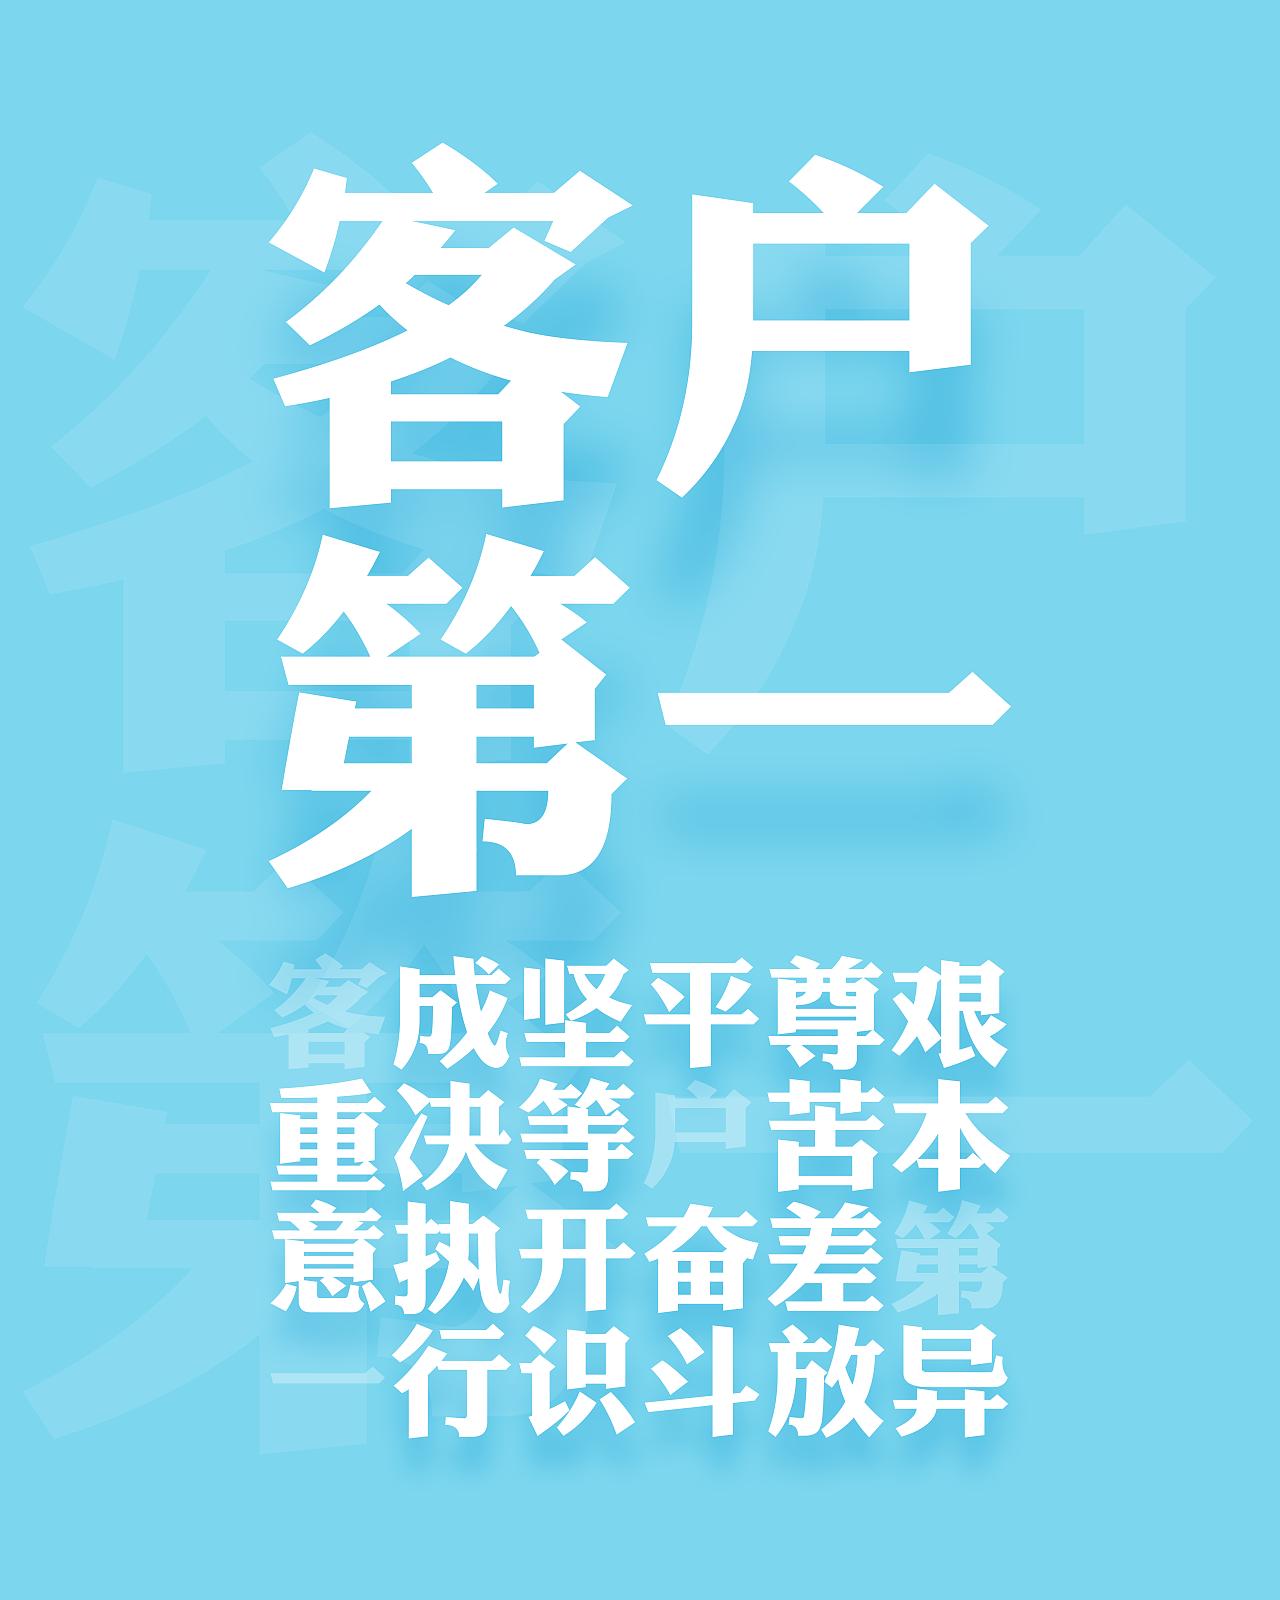 大字报字体_大字报|平面|字体/字形|123748478 - 原创作品 - 站酷 (ZCOOL)